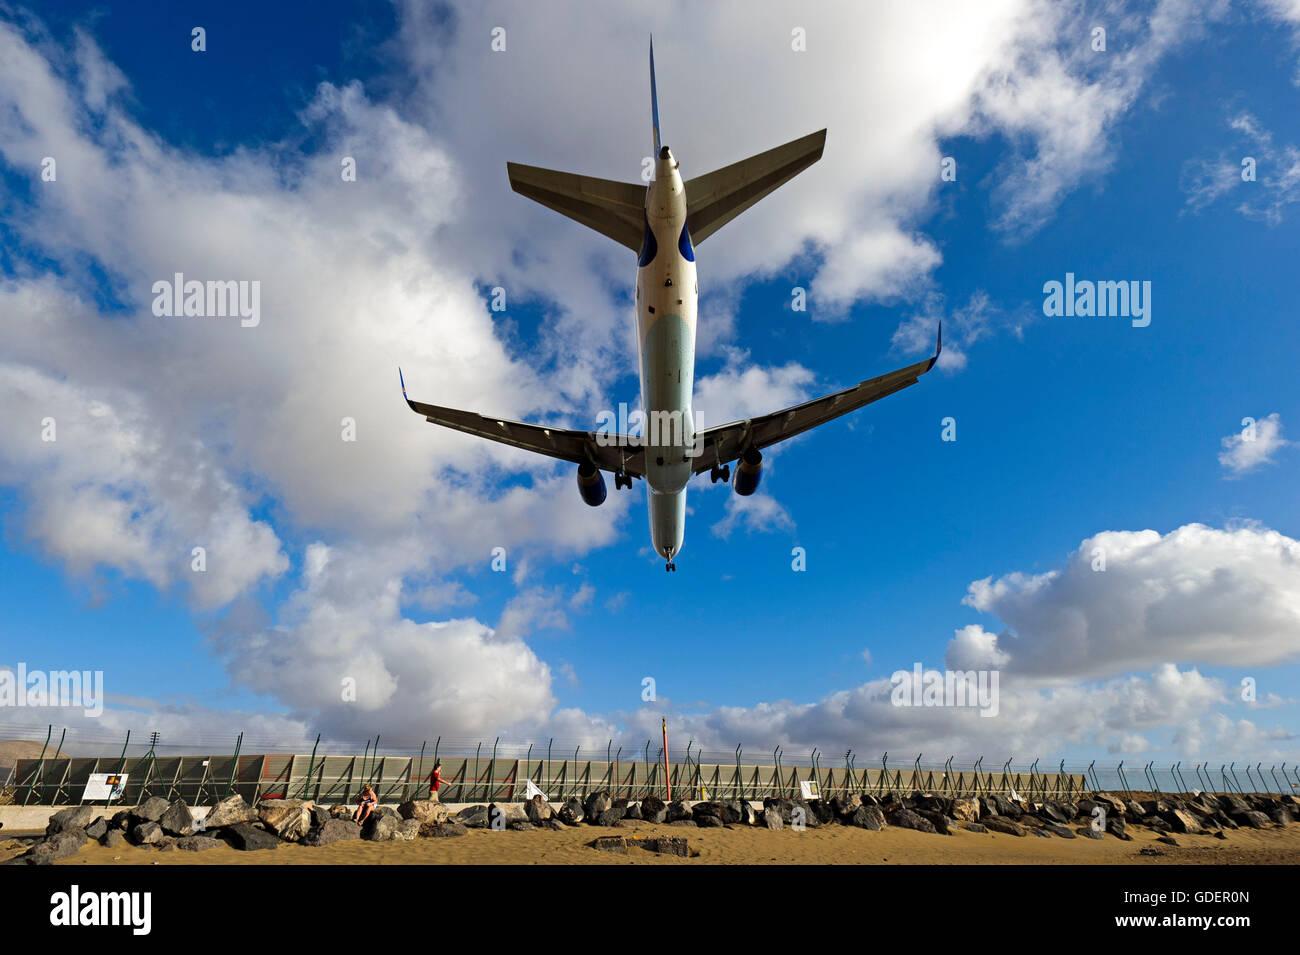 Landung Flugzeug, Flughafen Arrecife, Lanzarote, Kanarische Inseln, Spanien ILandendes Flugzeug, Arrecife, Lanzarote, Stockbild